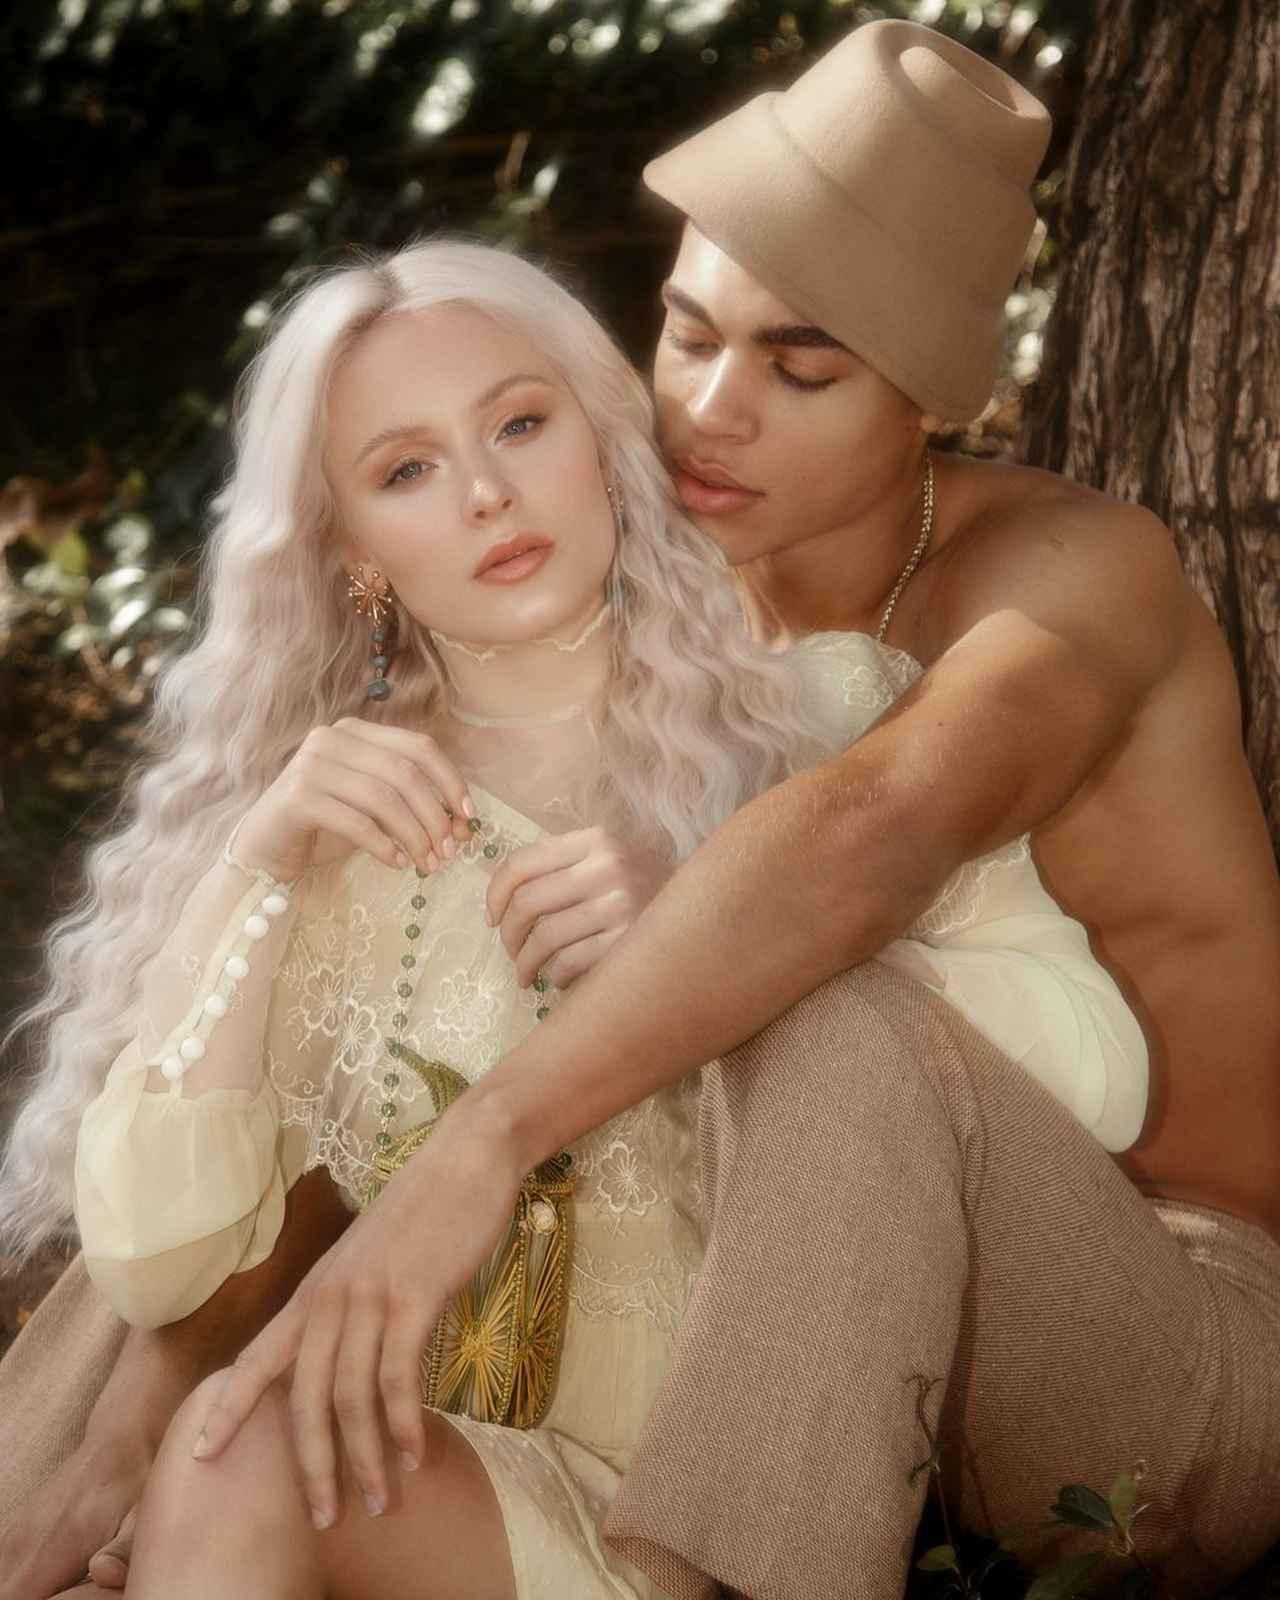 画像7: ザラ・ラーソン、恋人との写真がまるでおとぎ話のプリンセス